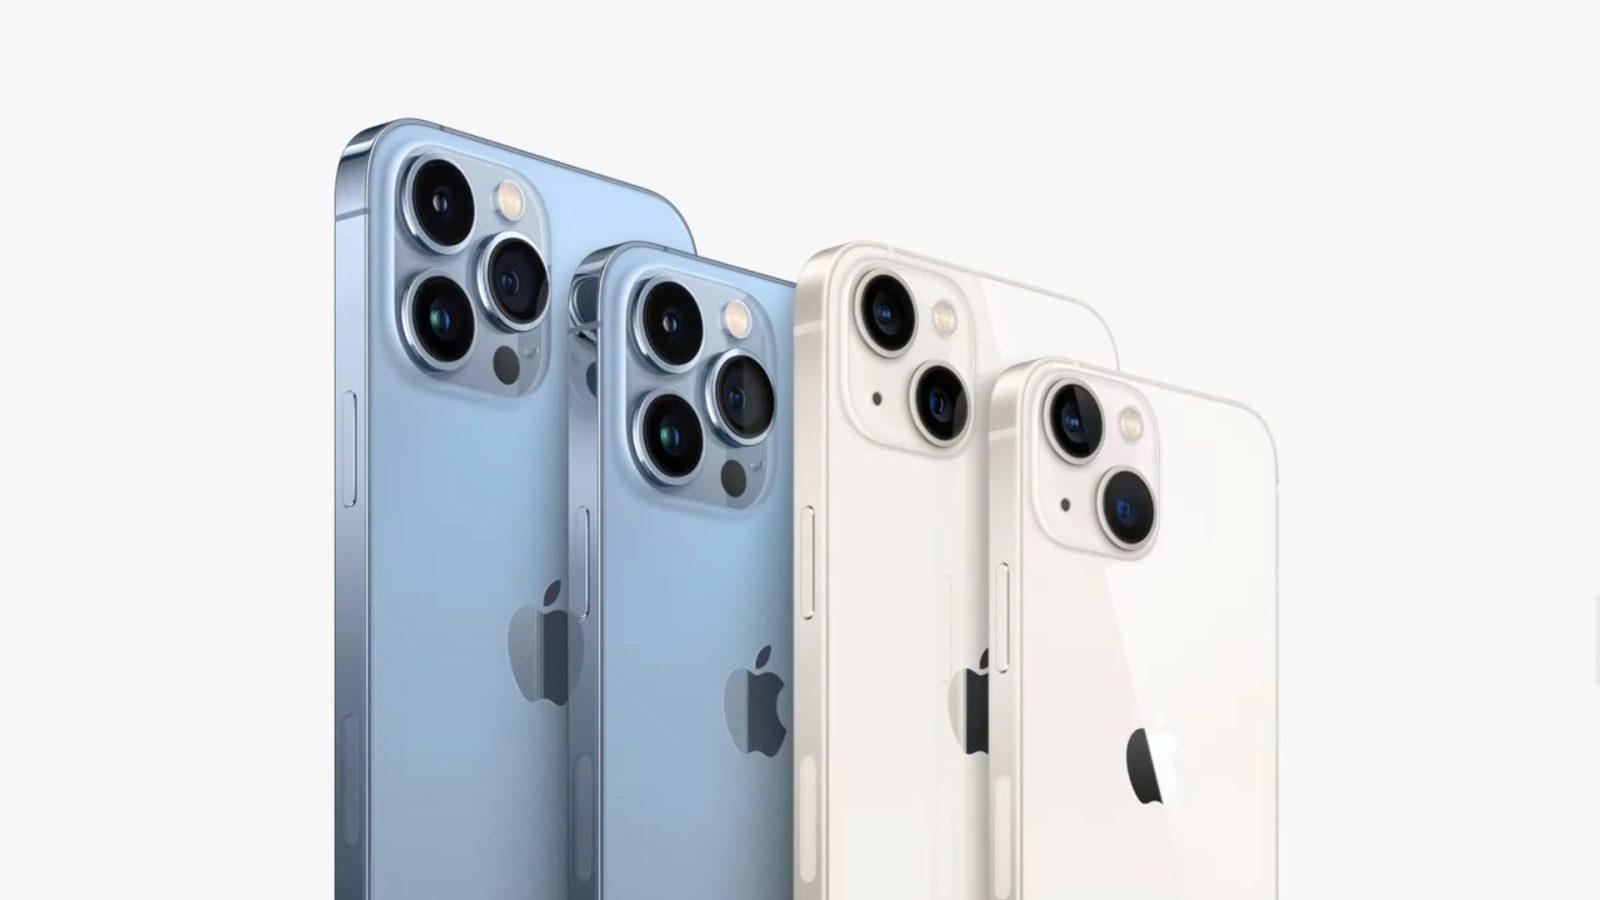 new iphone 13